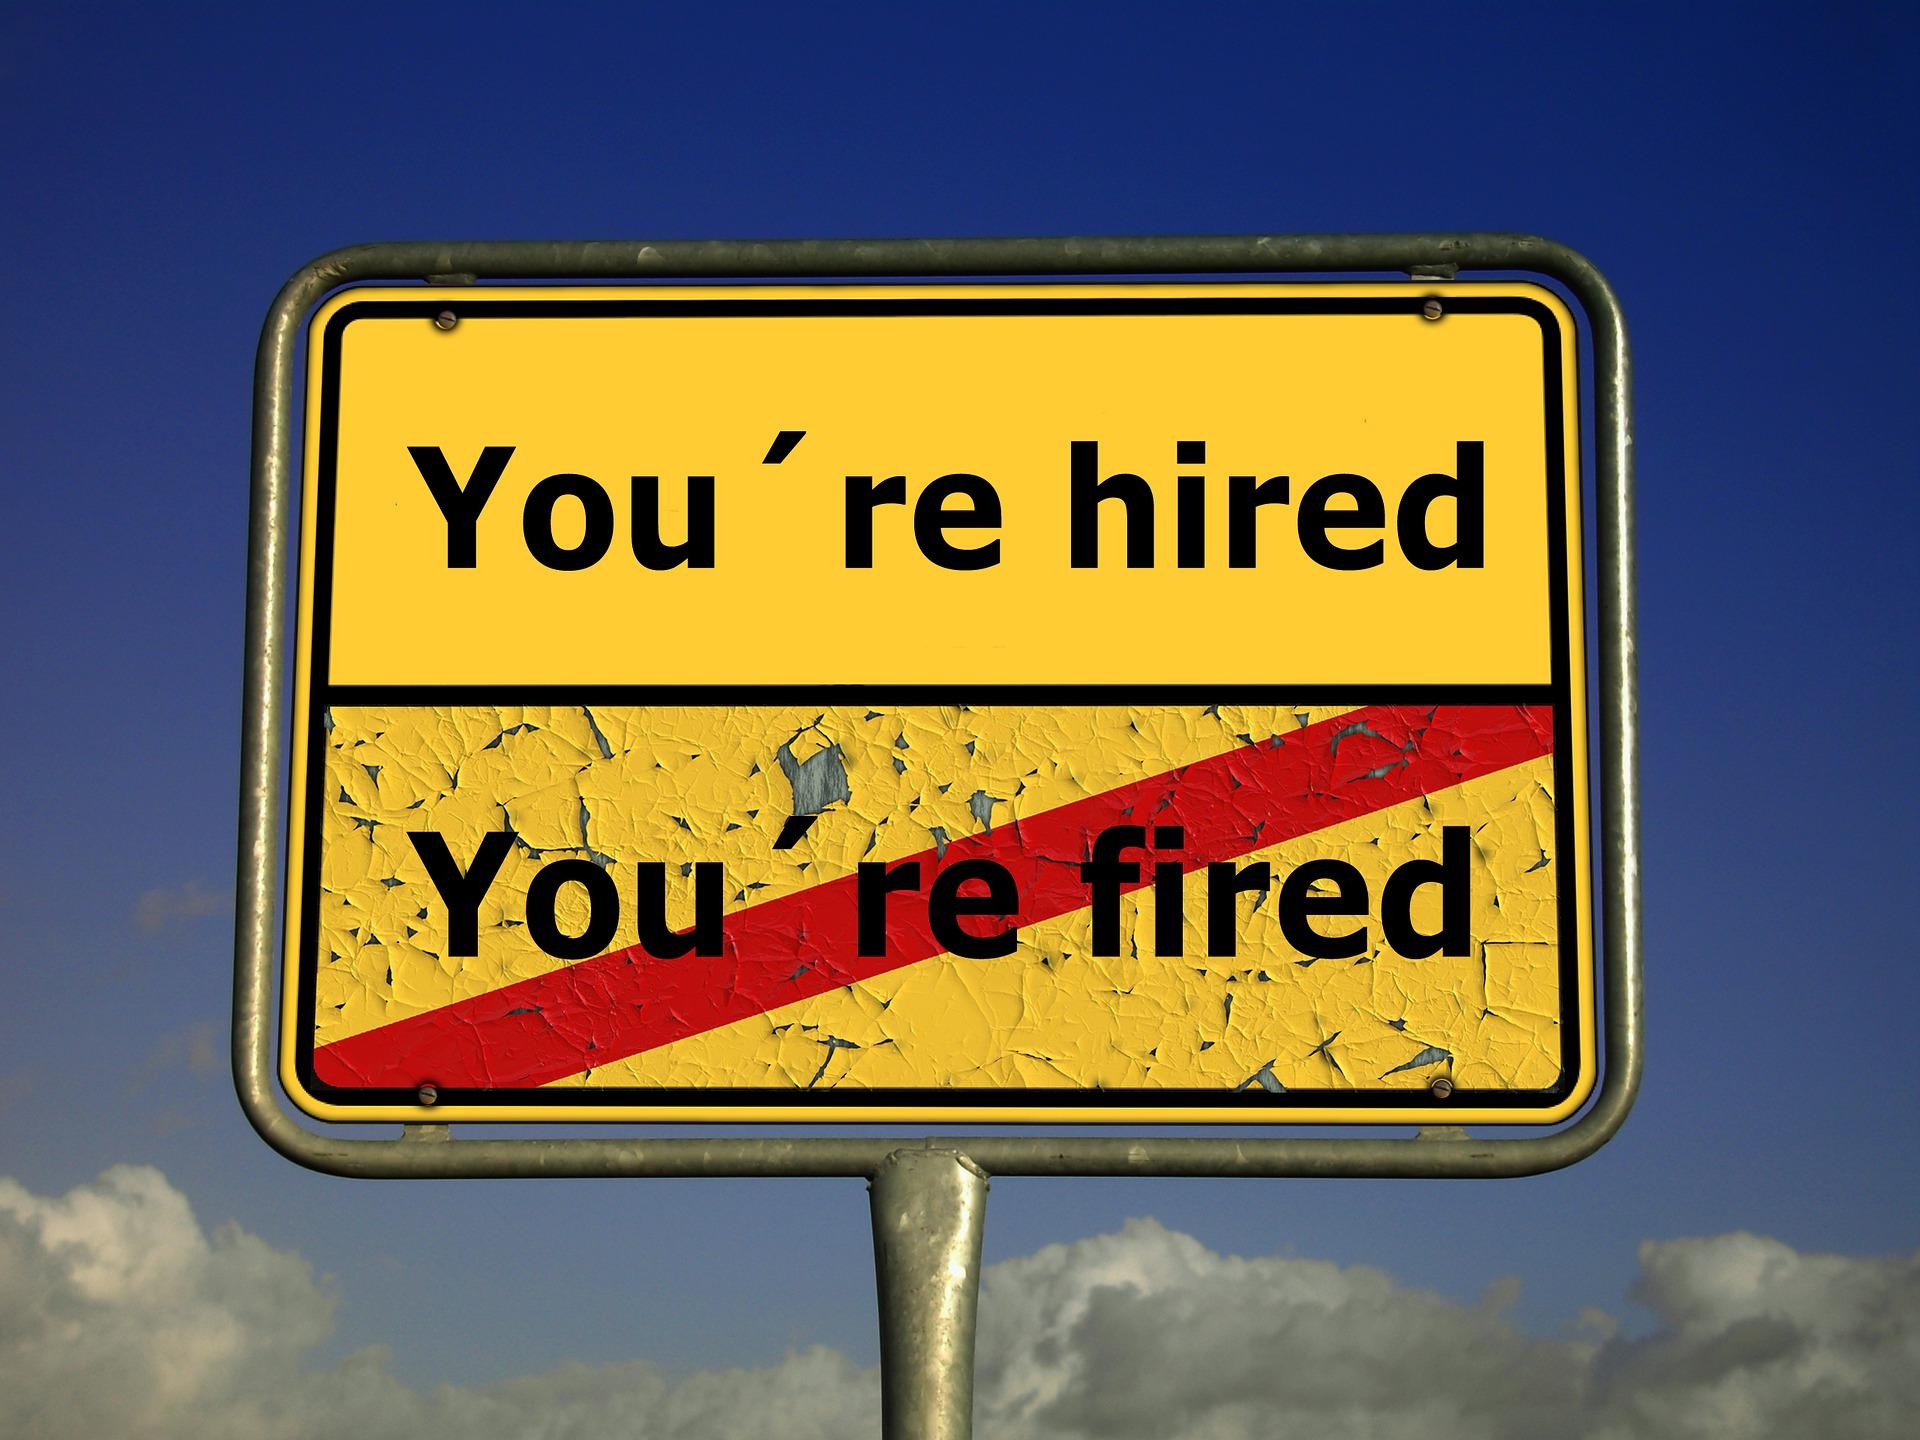 Arbeidsrecht en ontslagrecht. Mijn werkgever wil mij ontslaan. Wat nu?